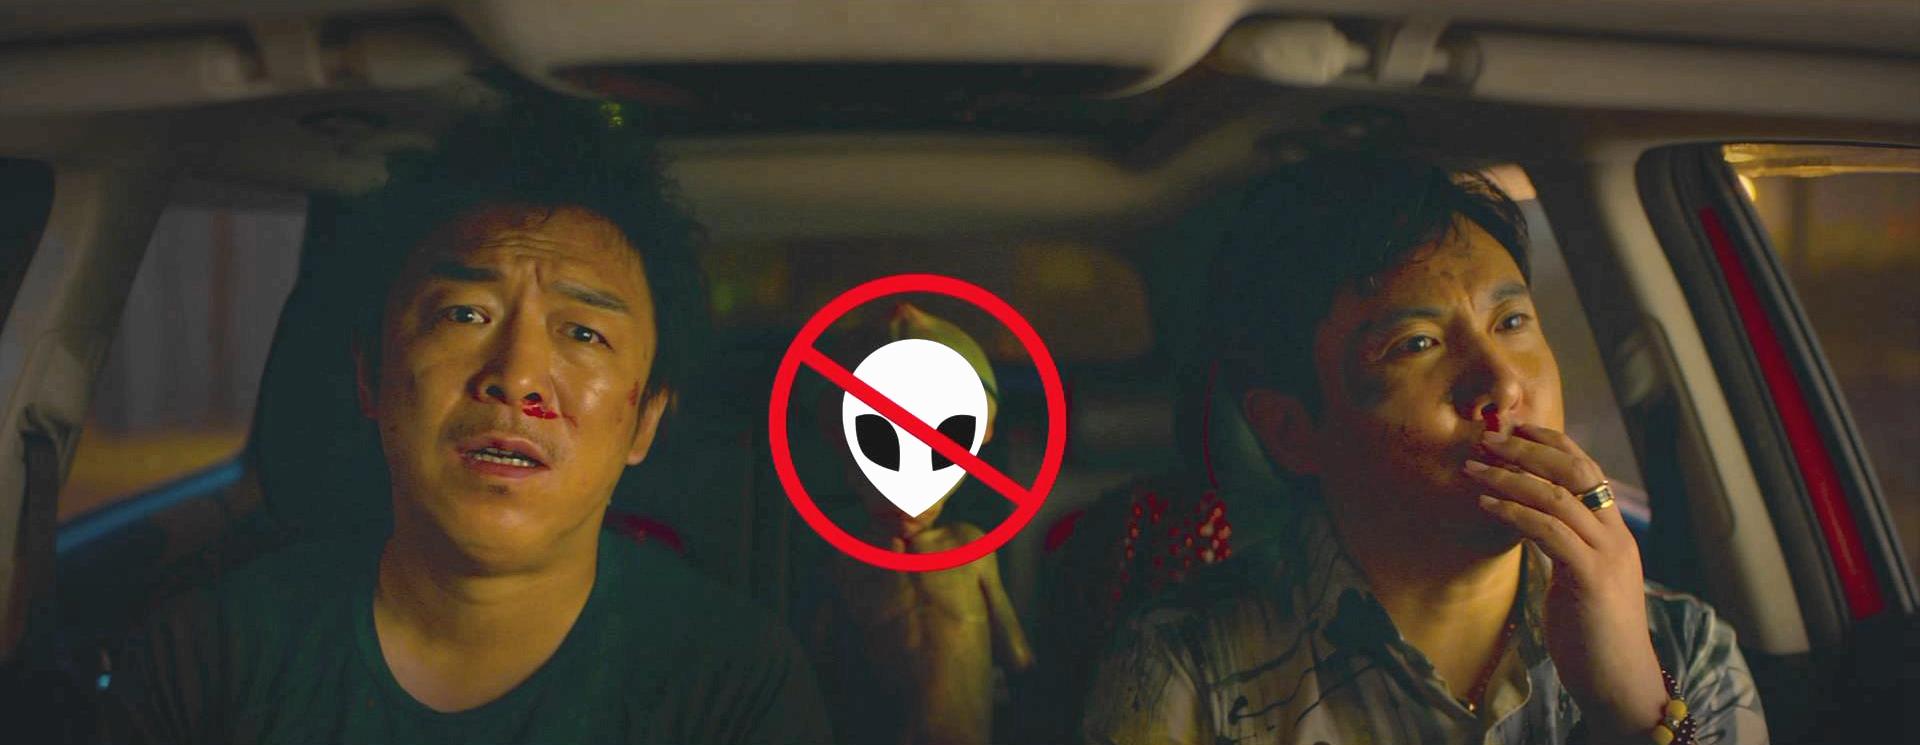 """《疯狂的外星人》首发预告 外星人""""奇袭""""黄渤沈腾的照片 - 2"""